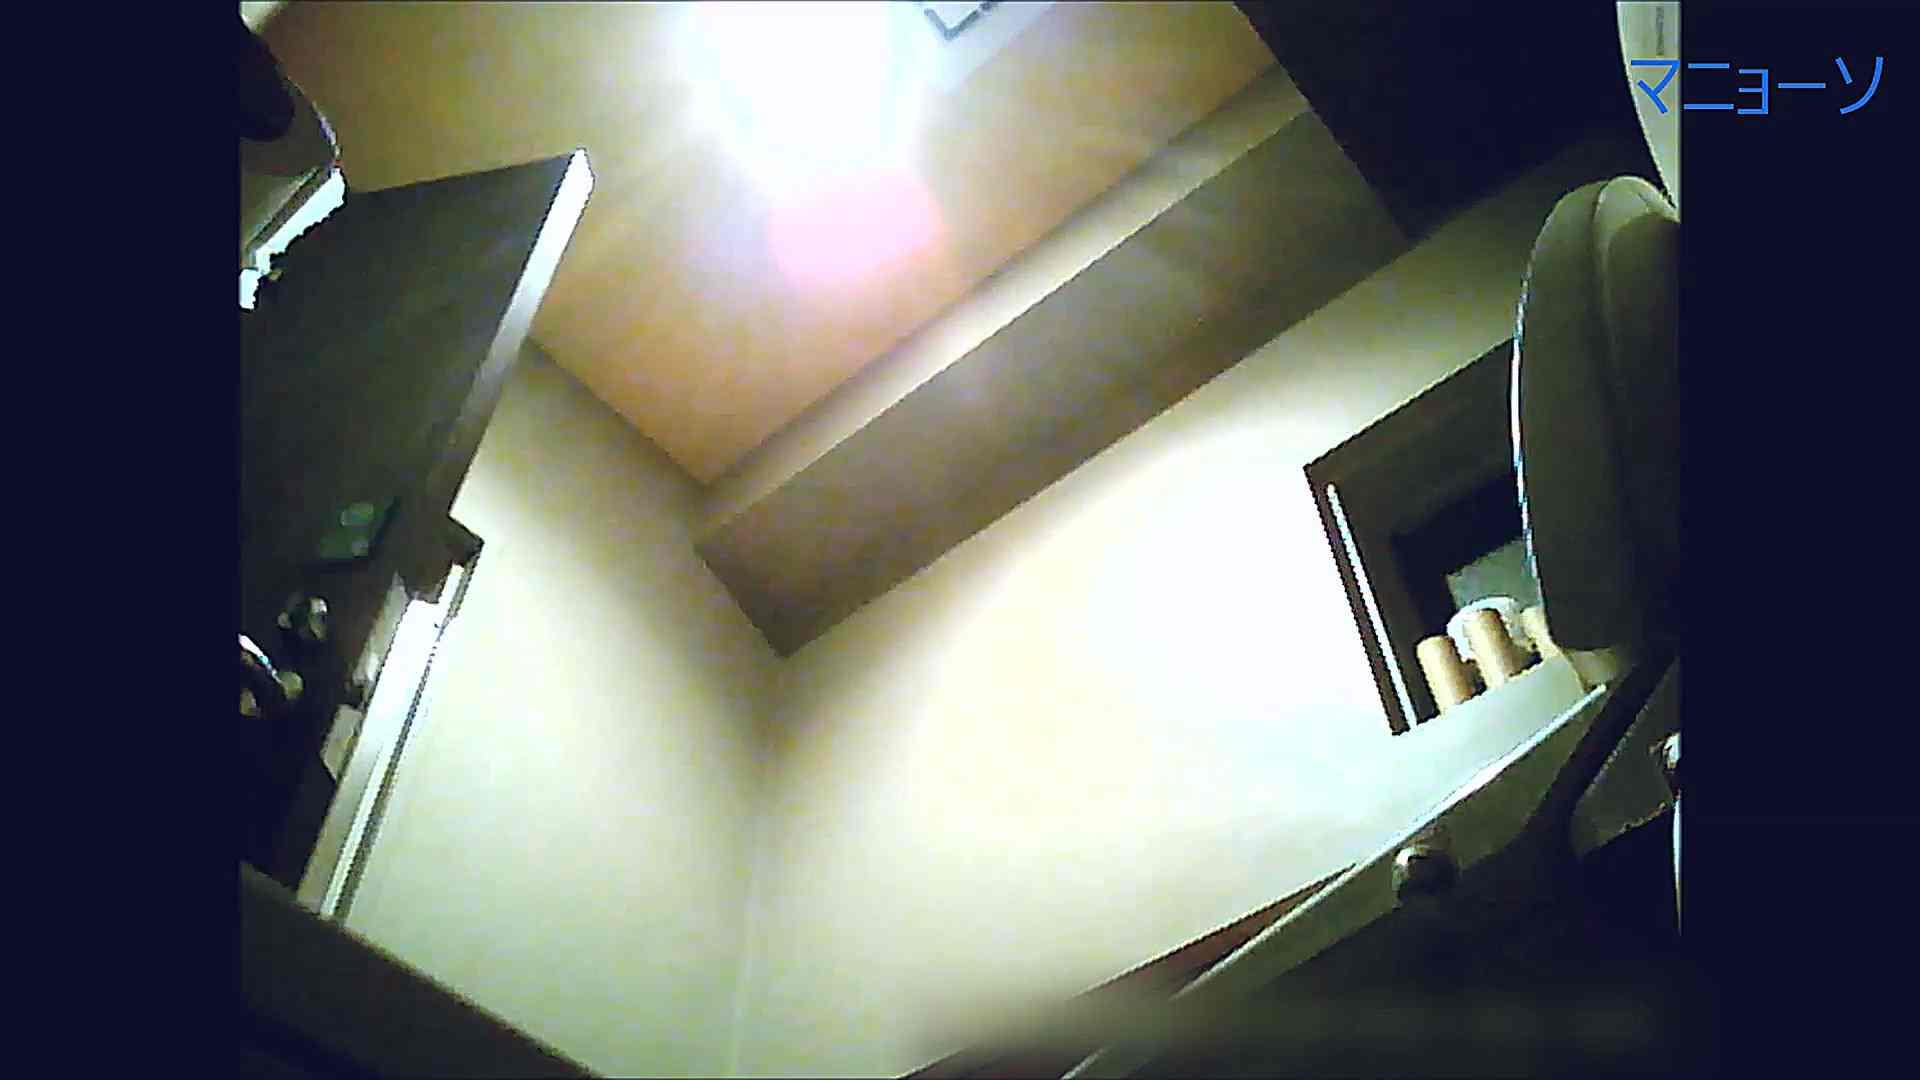 トイレでひと肌脱いでもらいました (OL編)Vol.12 トイレのぞき セックス画像 88画像 17